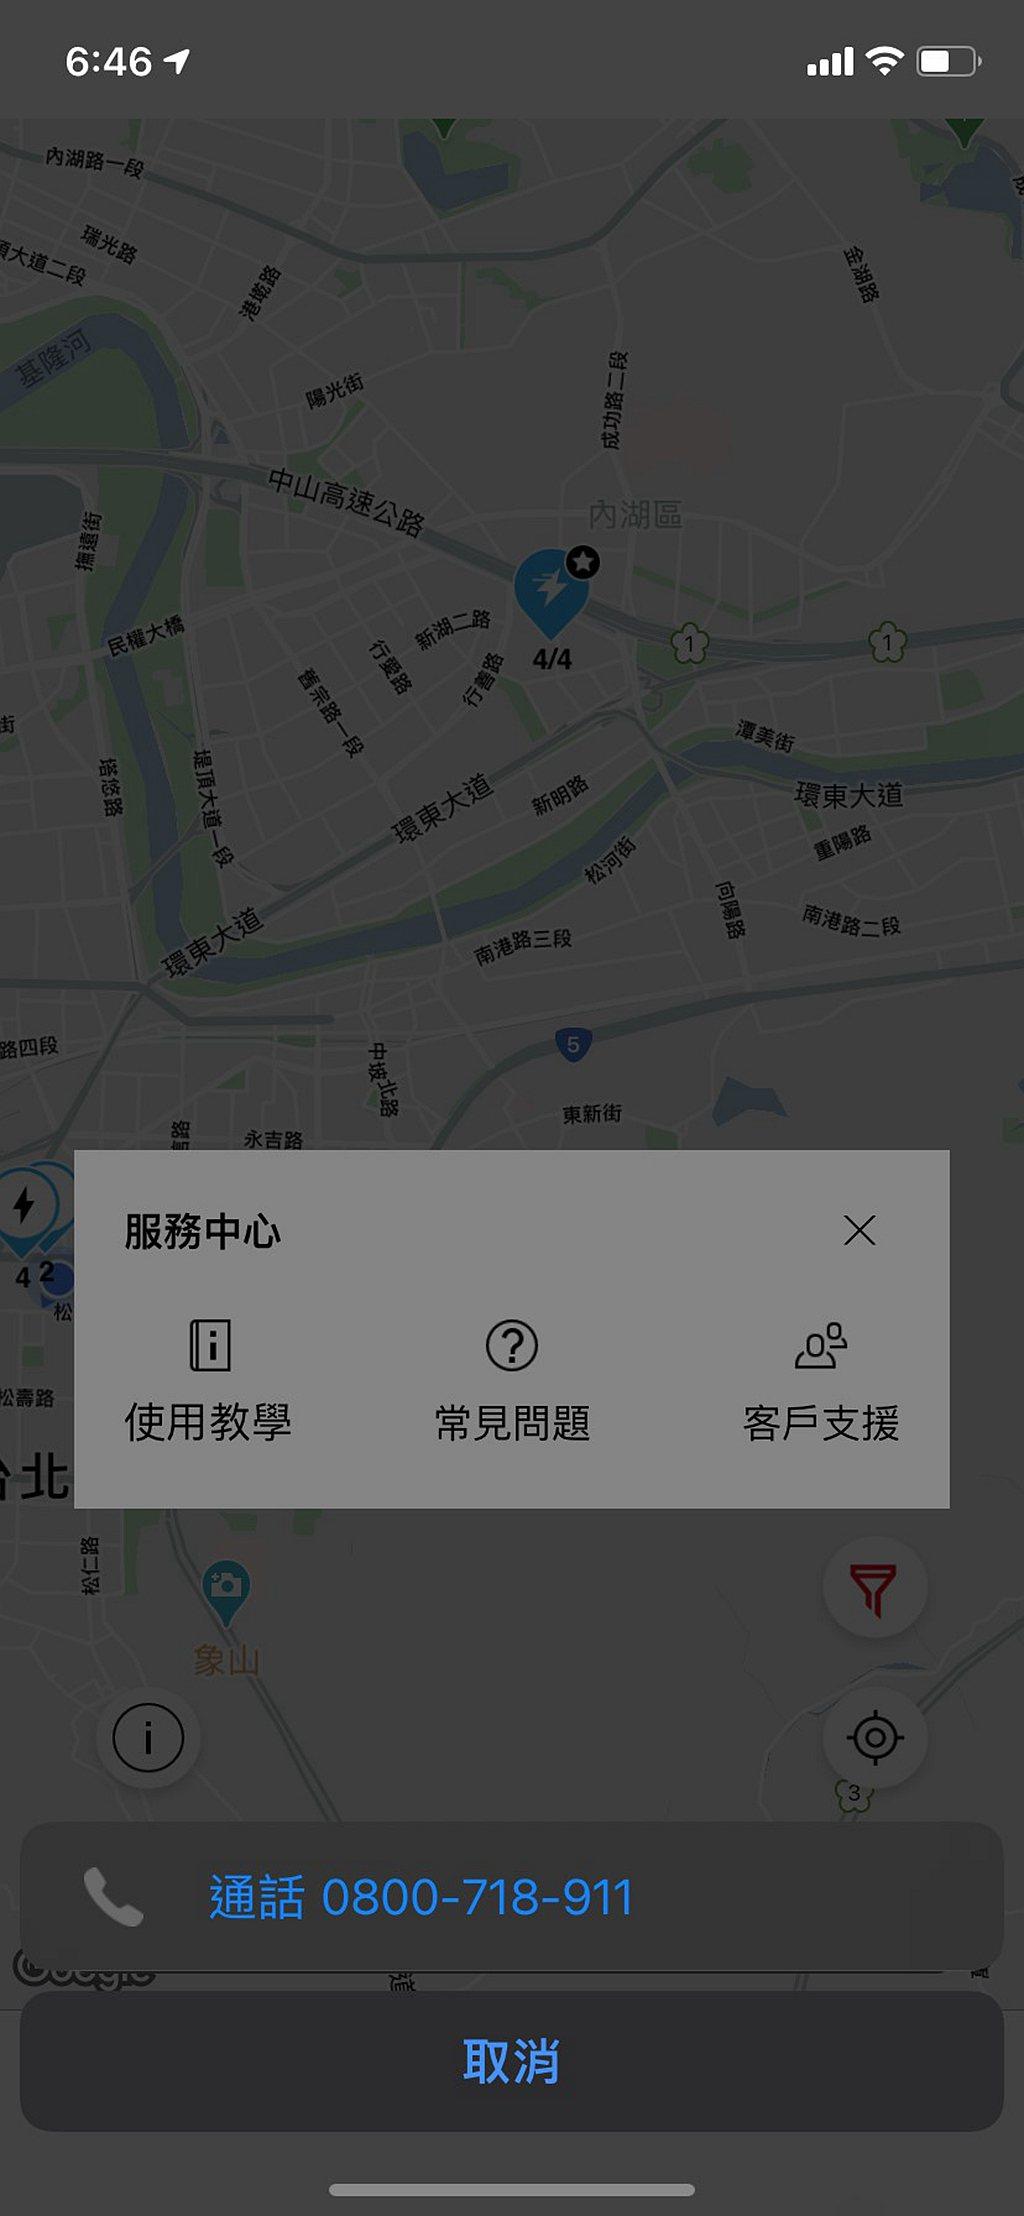 若Taycan車主於充電時遇到任何問題,只要點擊App中的「熱線服務」便可直接聯...